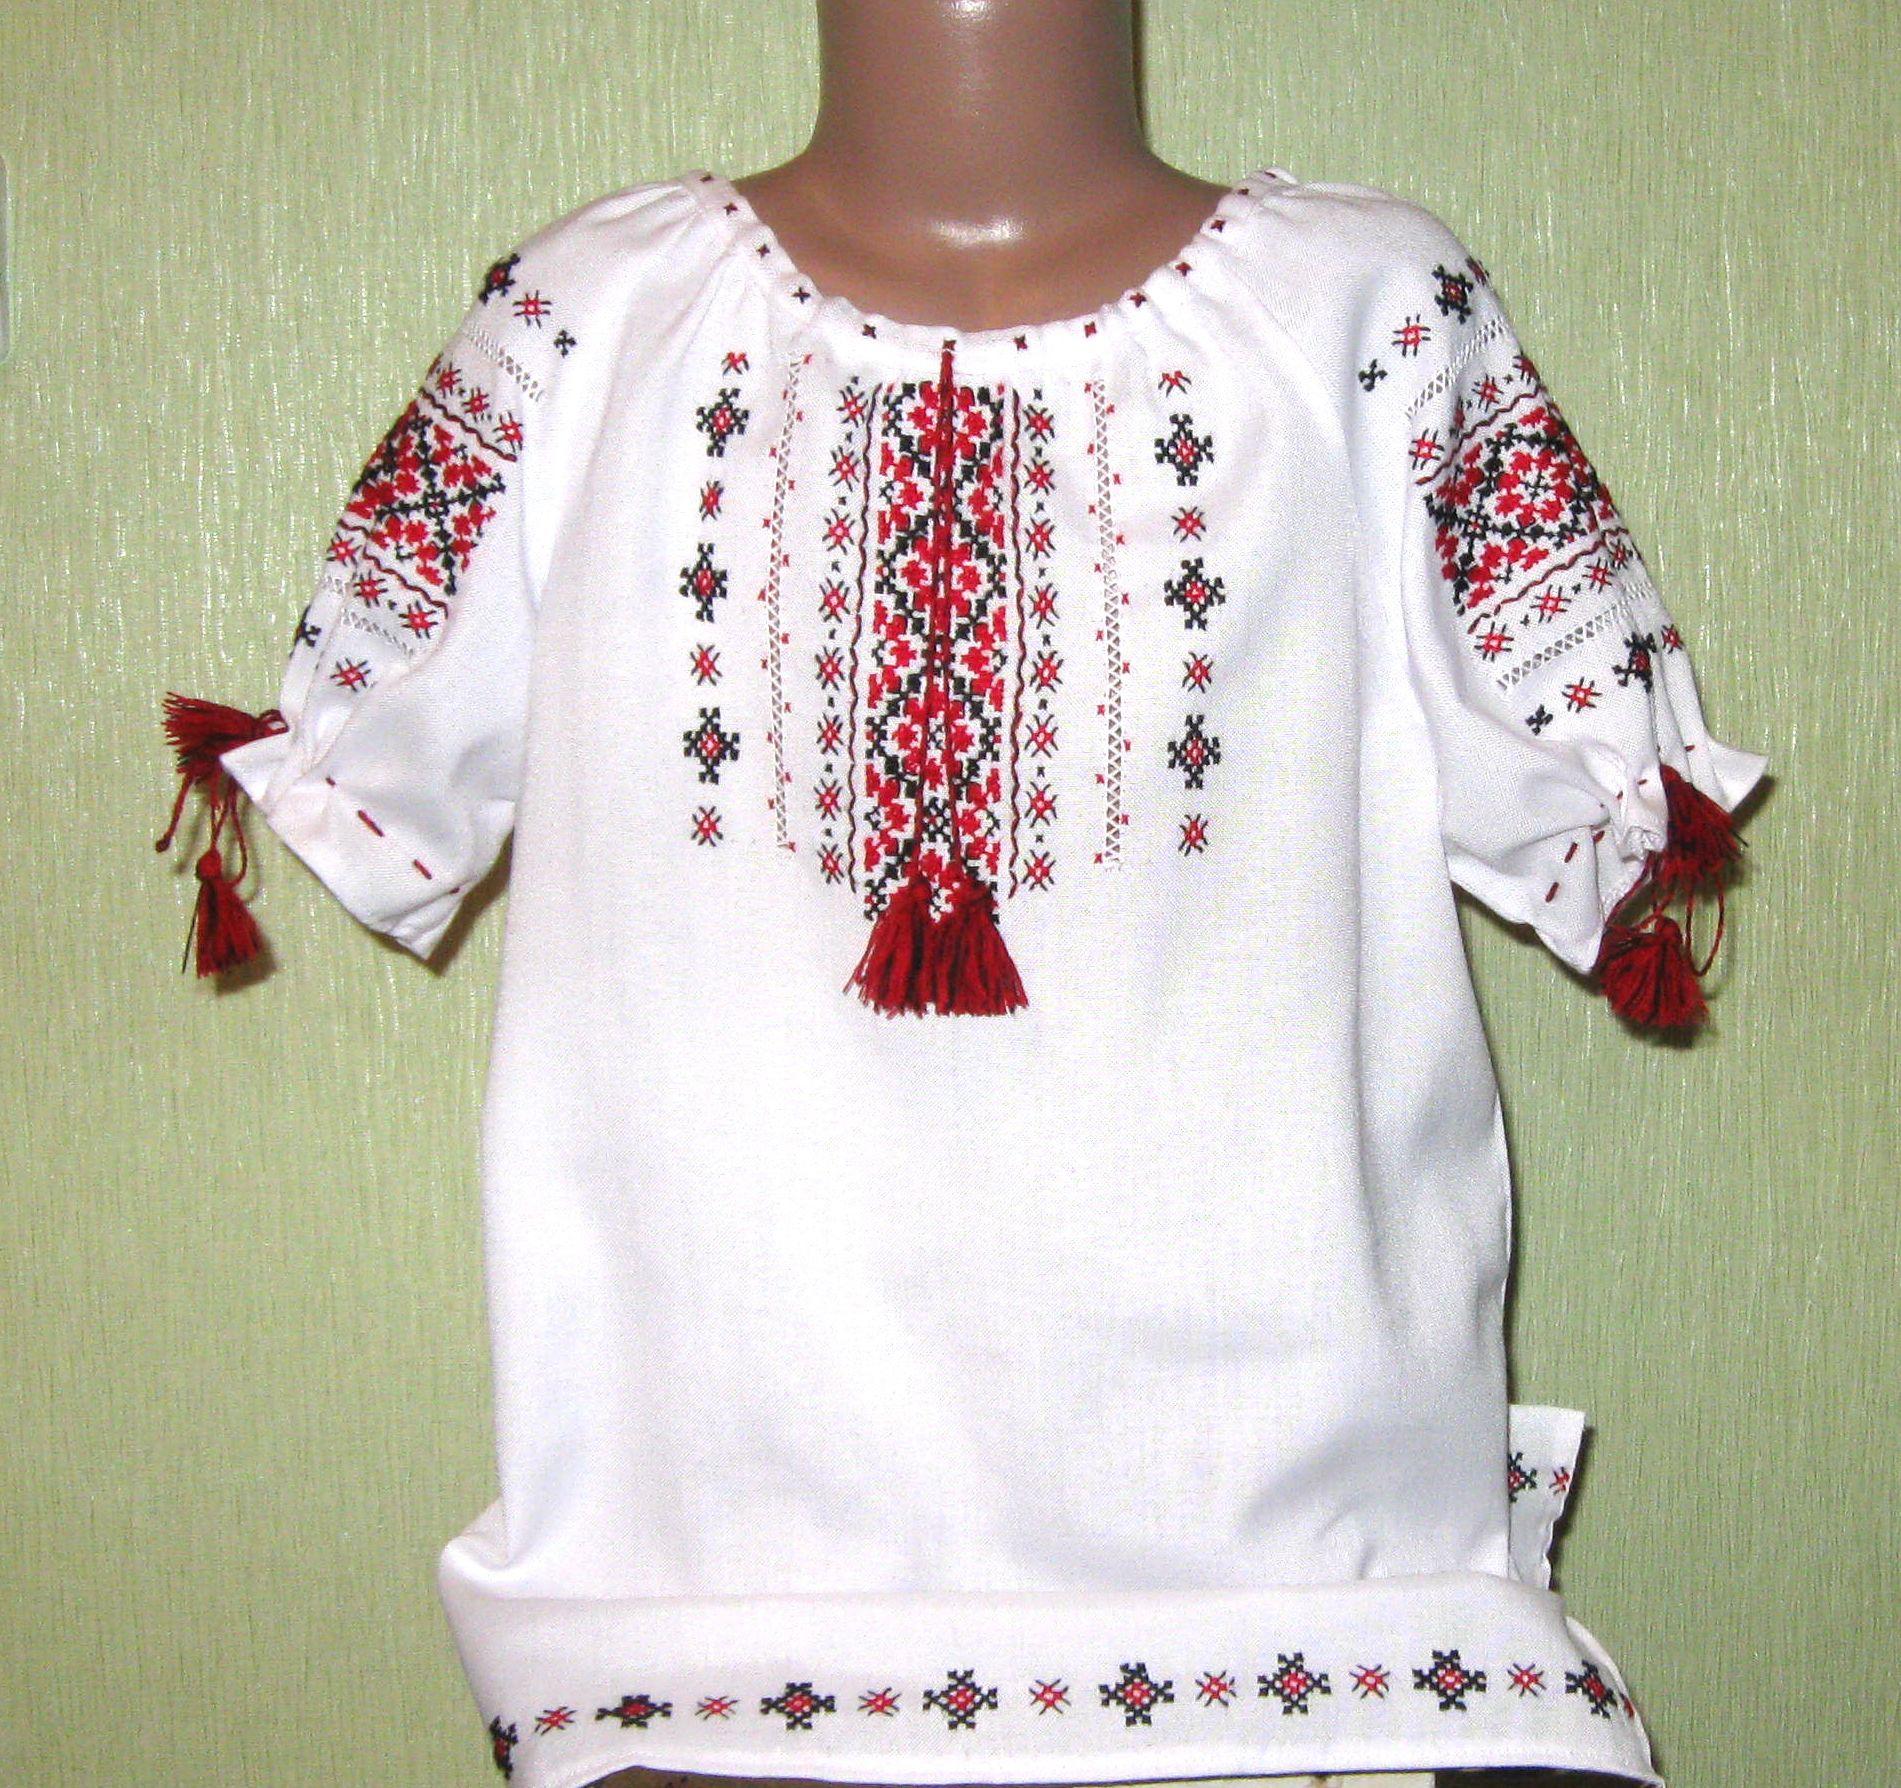 вишиванка для дівчинки з коротким рукавом - Товари - Вишиванки ... 2e291cbb8512e